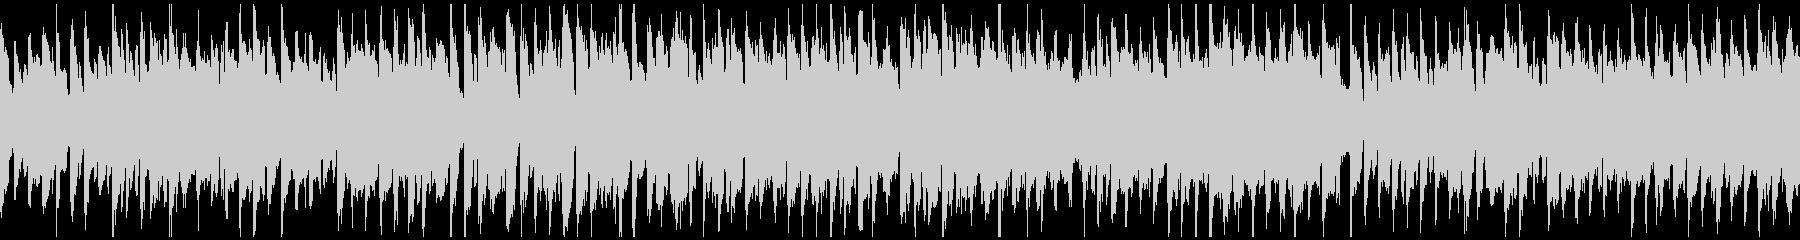 楽しいリコーダー・ポップ ※ループ仕様版の未再生の波形